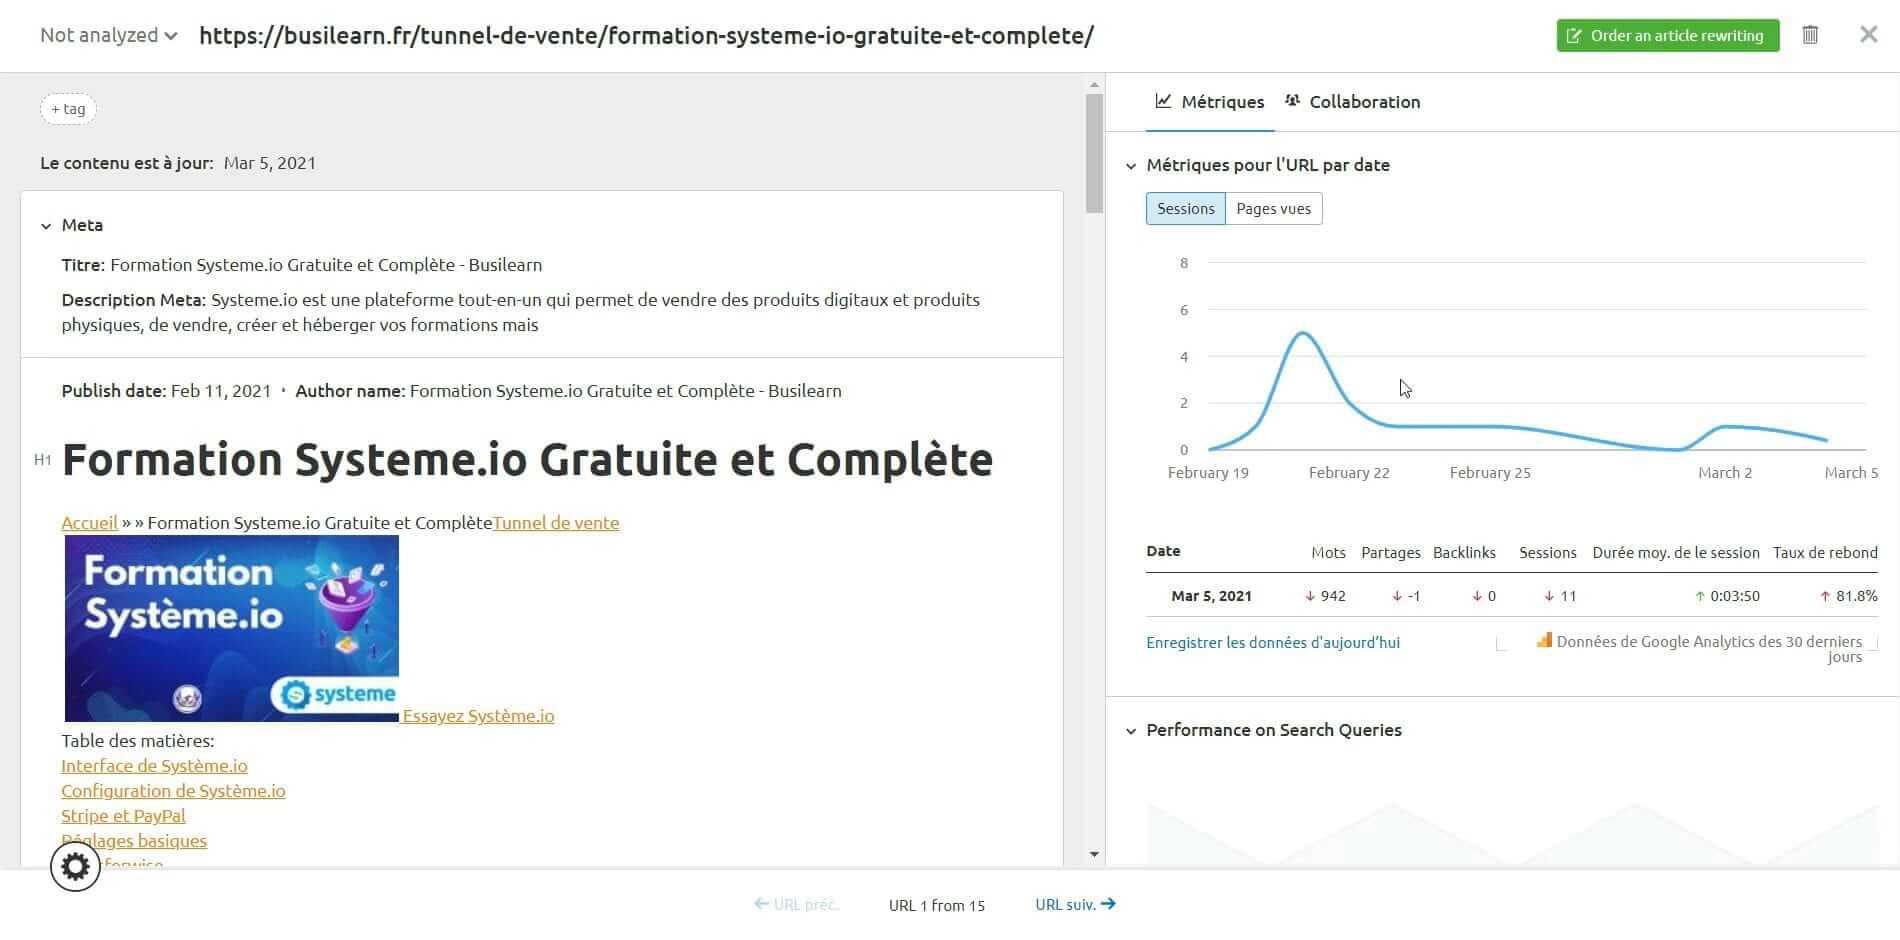 Analyse du contenu du site